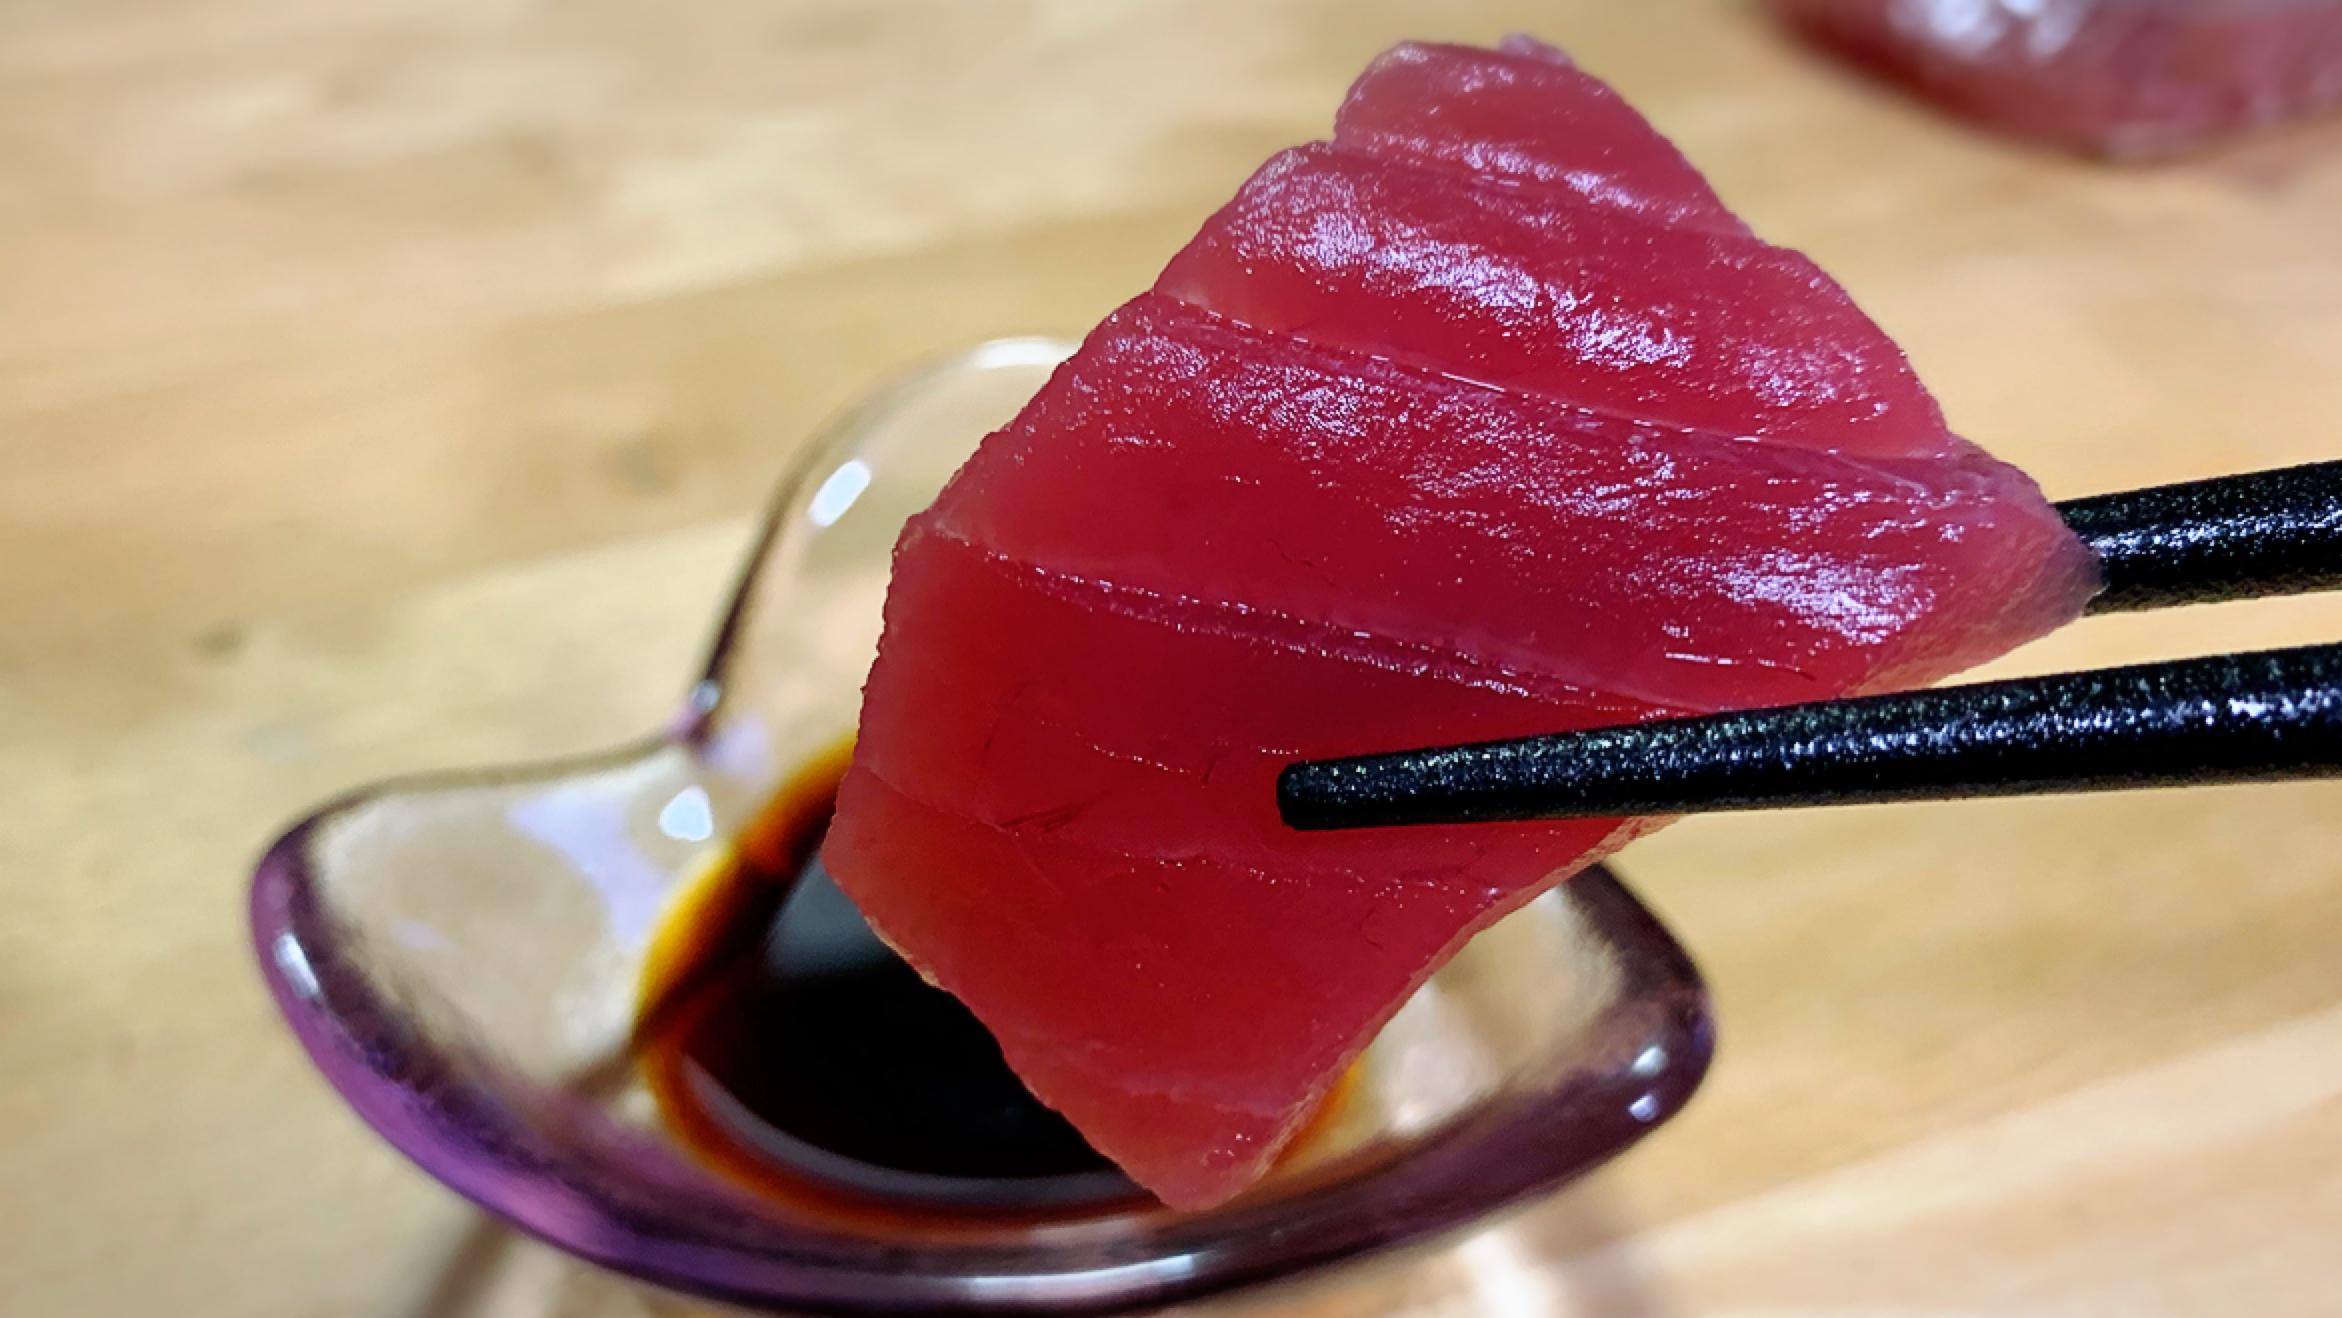 神経締め✨✨ 熟成✨ 魚の旨味が劇的に変わる✨✨ 連日、常連客で賑わう✨✨